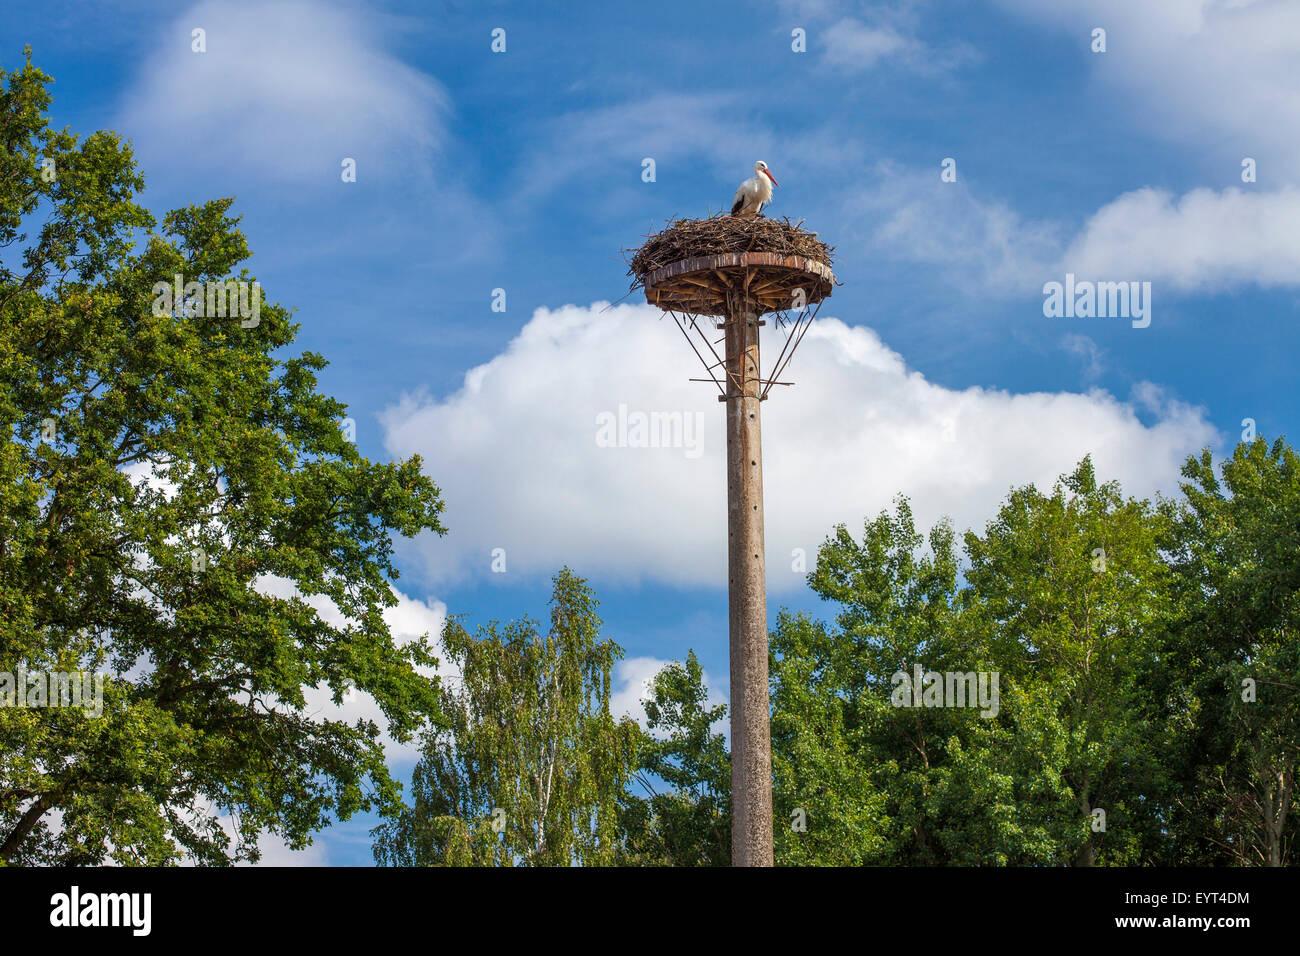 Europa, Deutschland, Brandenburg, Spreewald (Spreewald), Silberdistel, Storch Stockbild